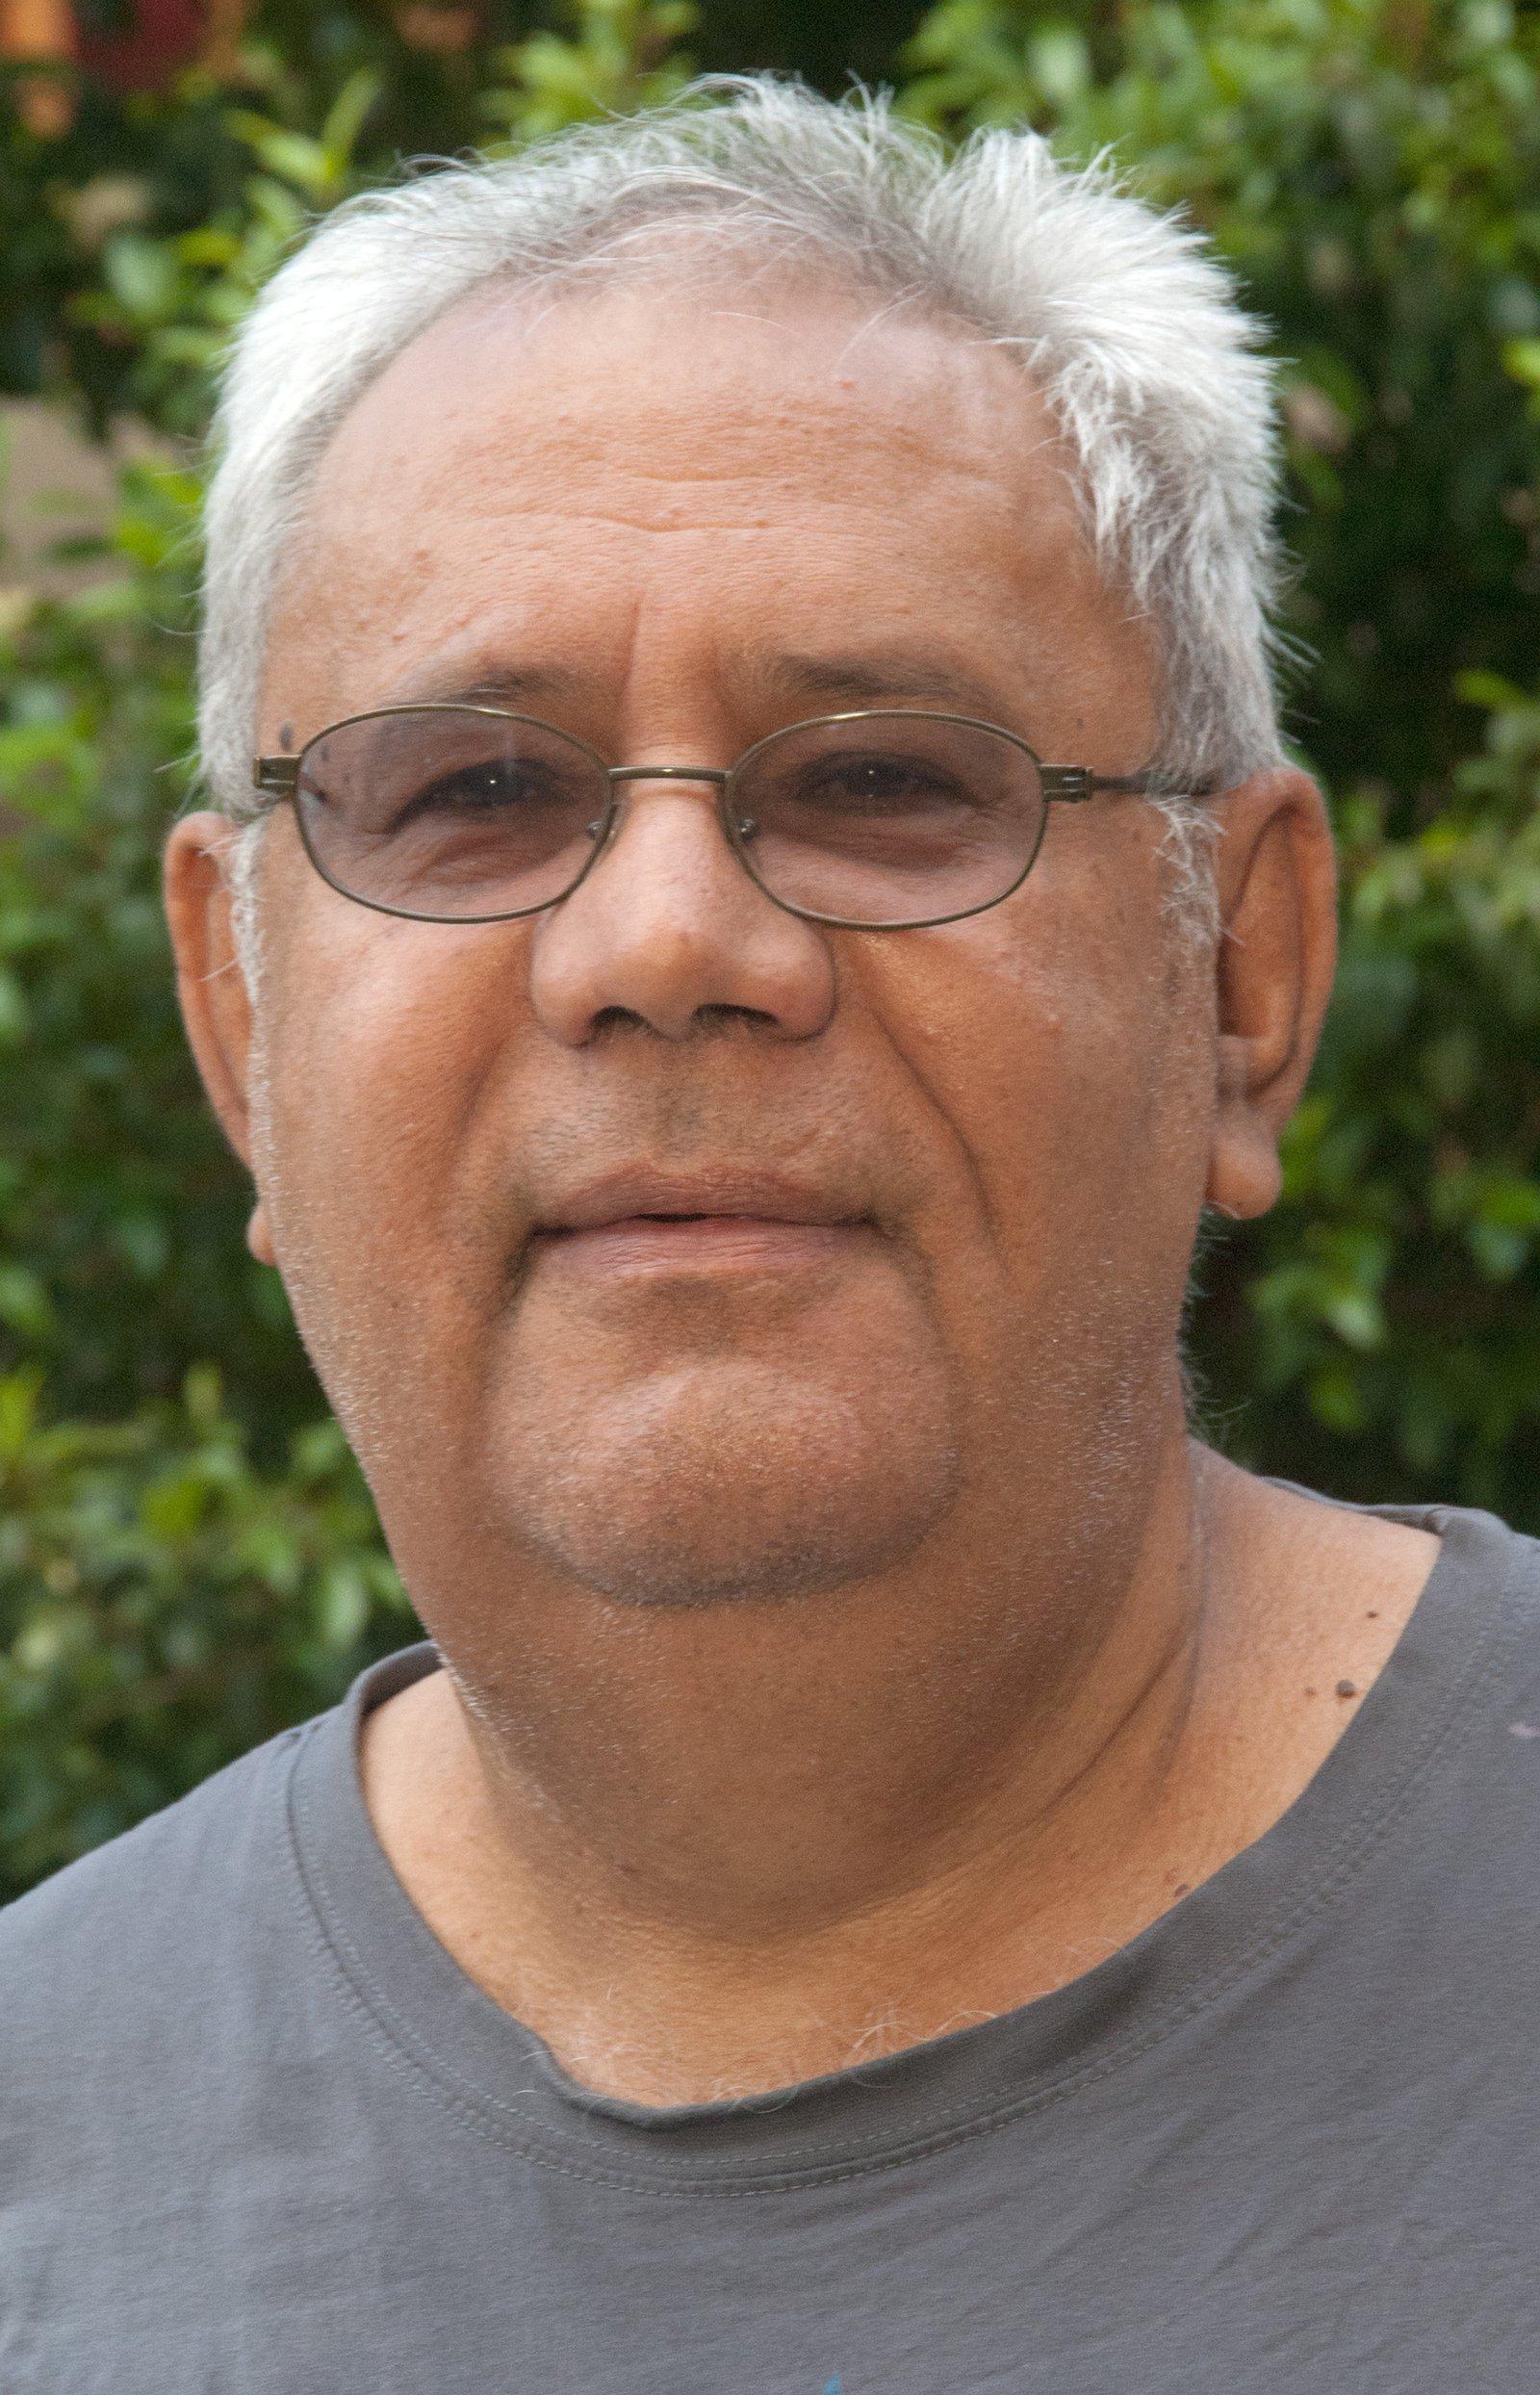 Sydney Elders - Paul Coe